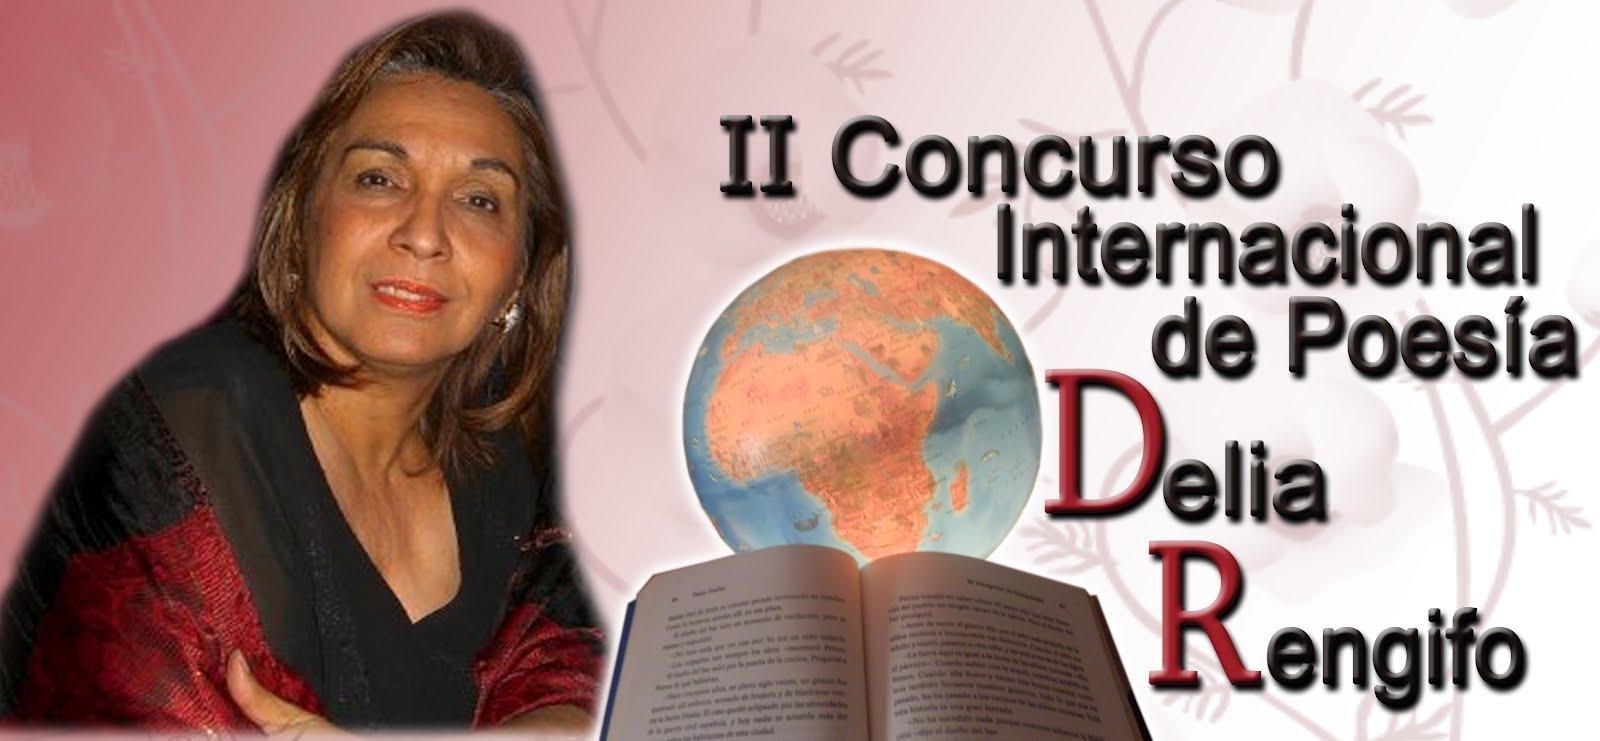 - II Concurso Internacional de Poesía Delia Rengifo